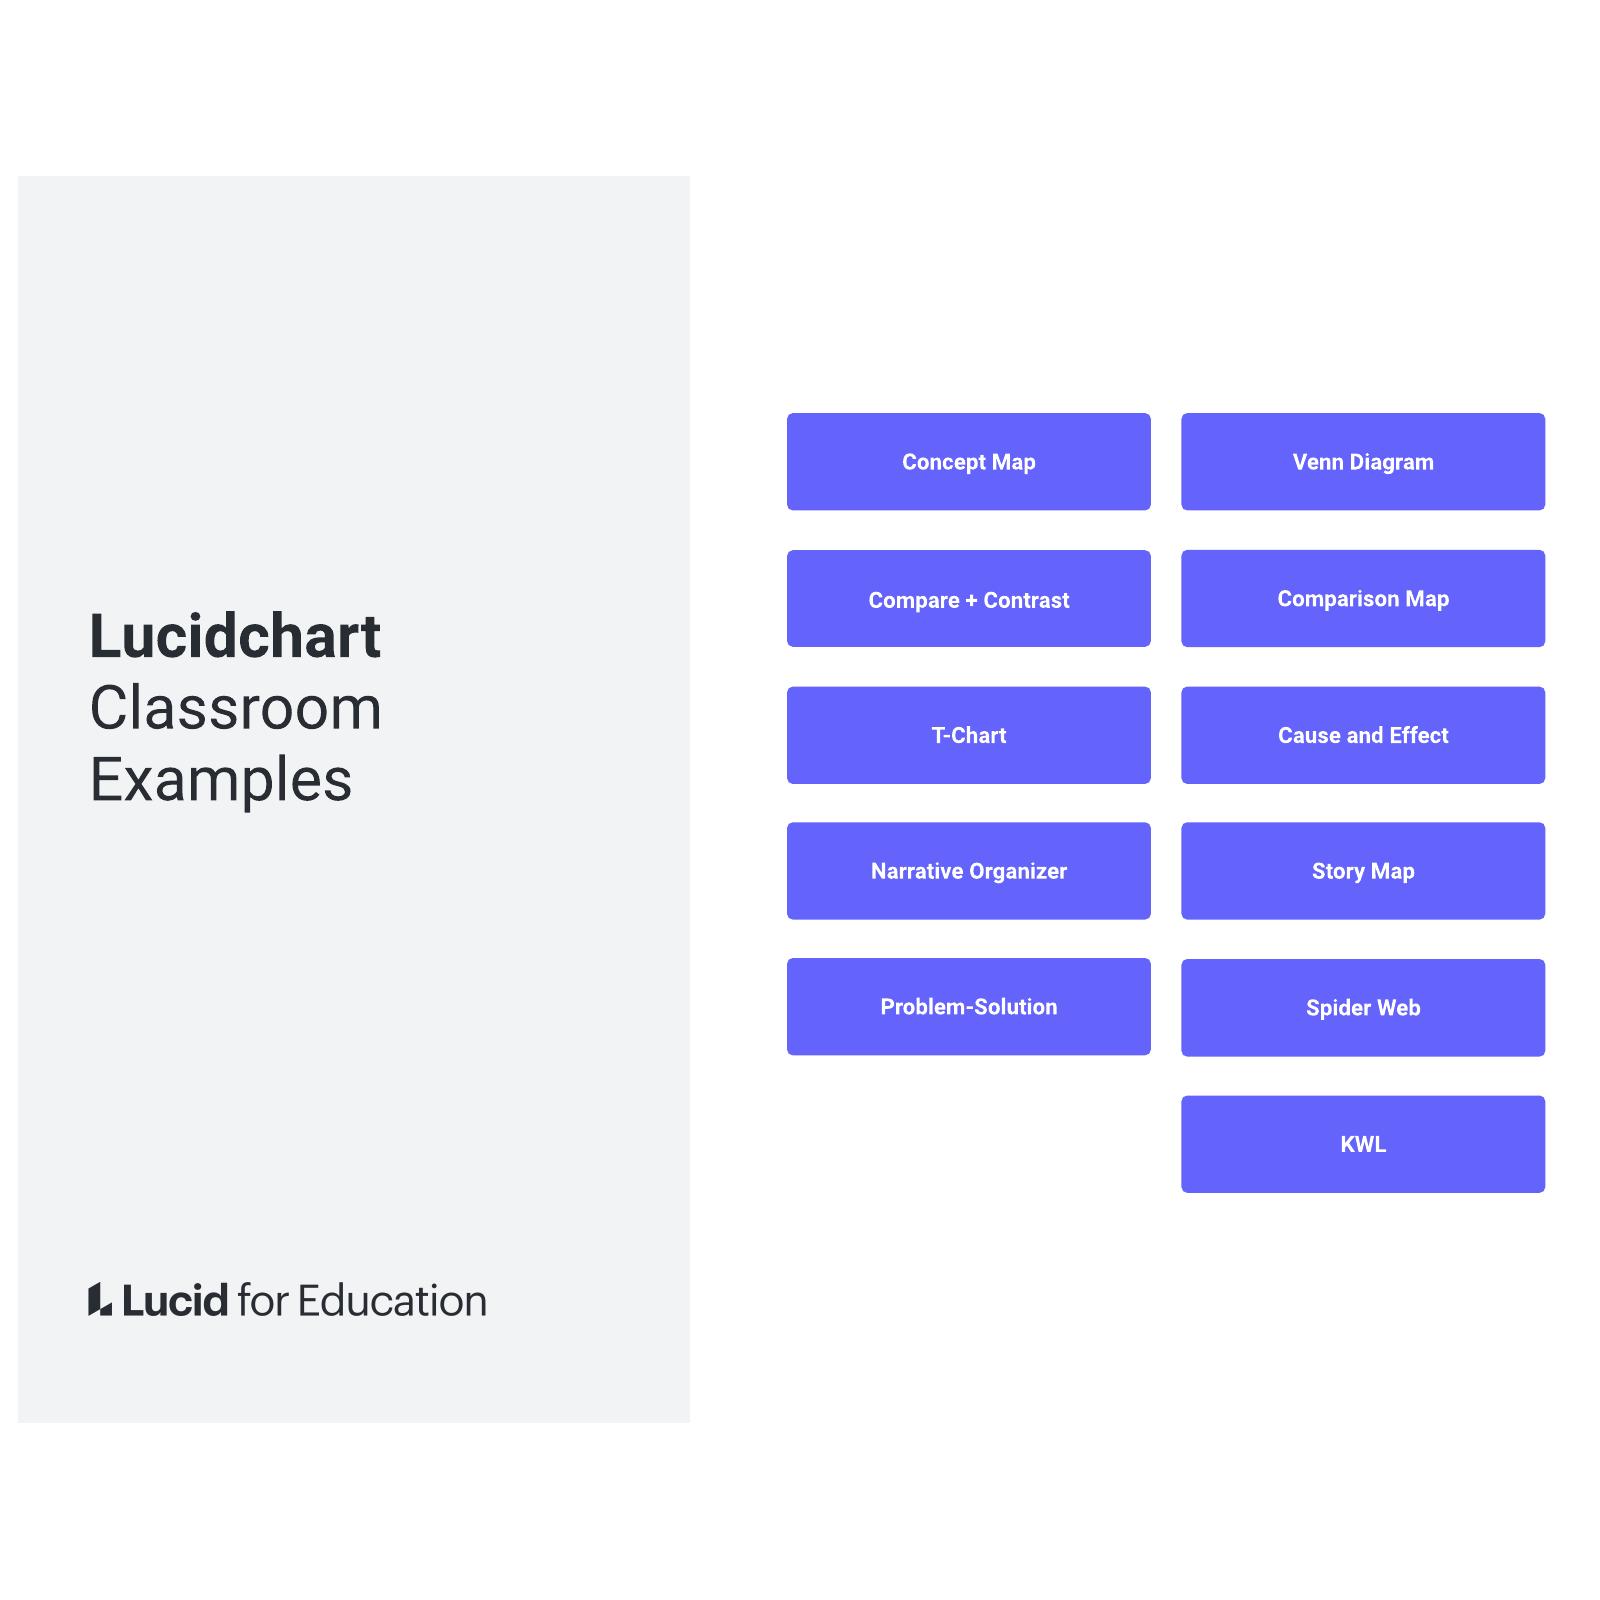 Lucidchart classroom examples